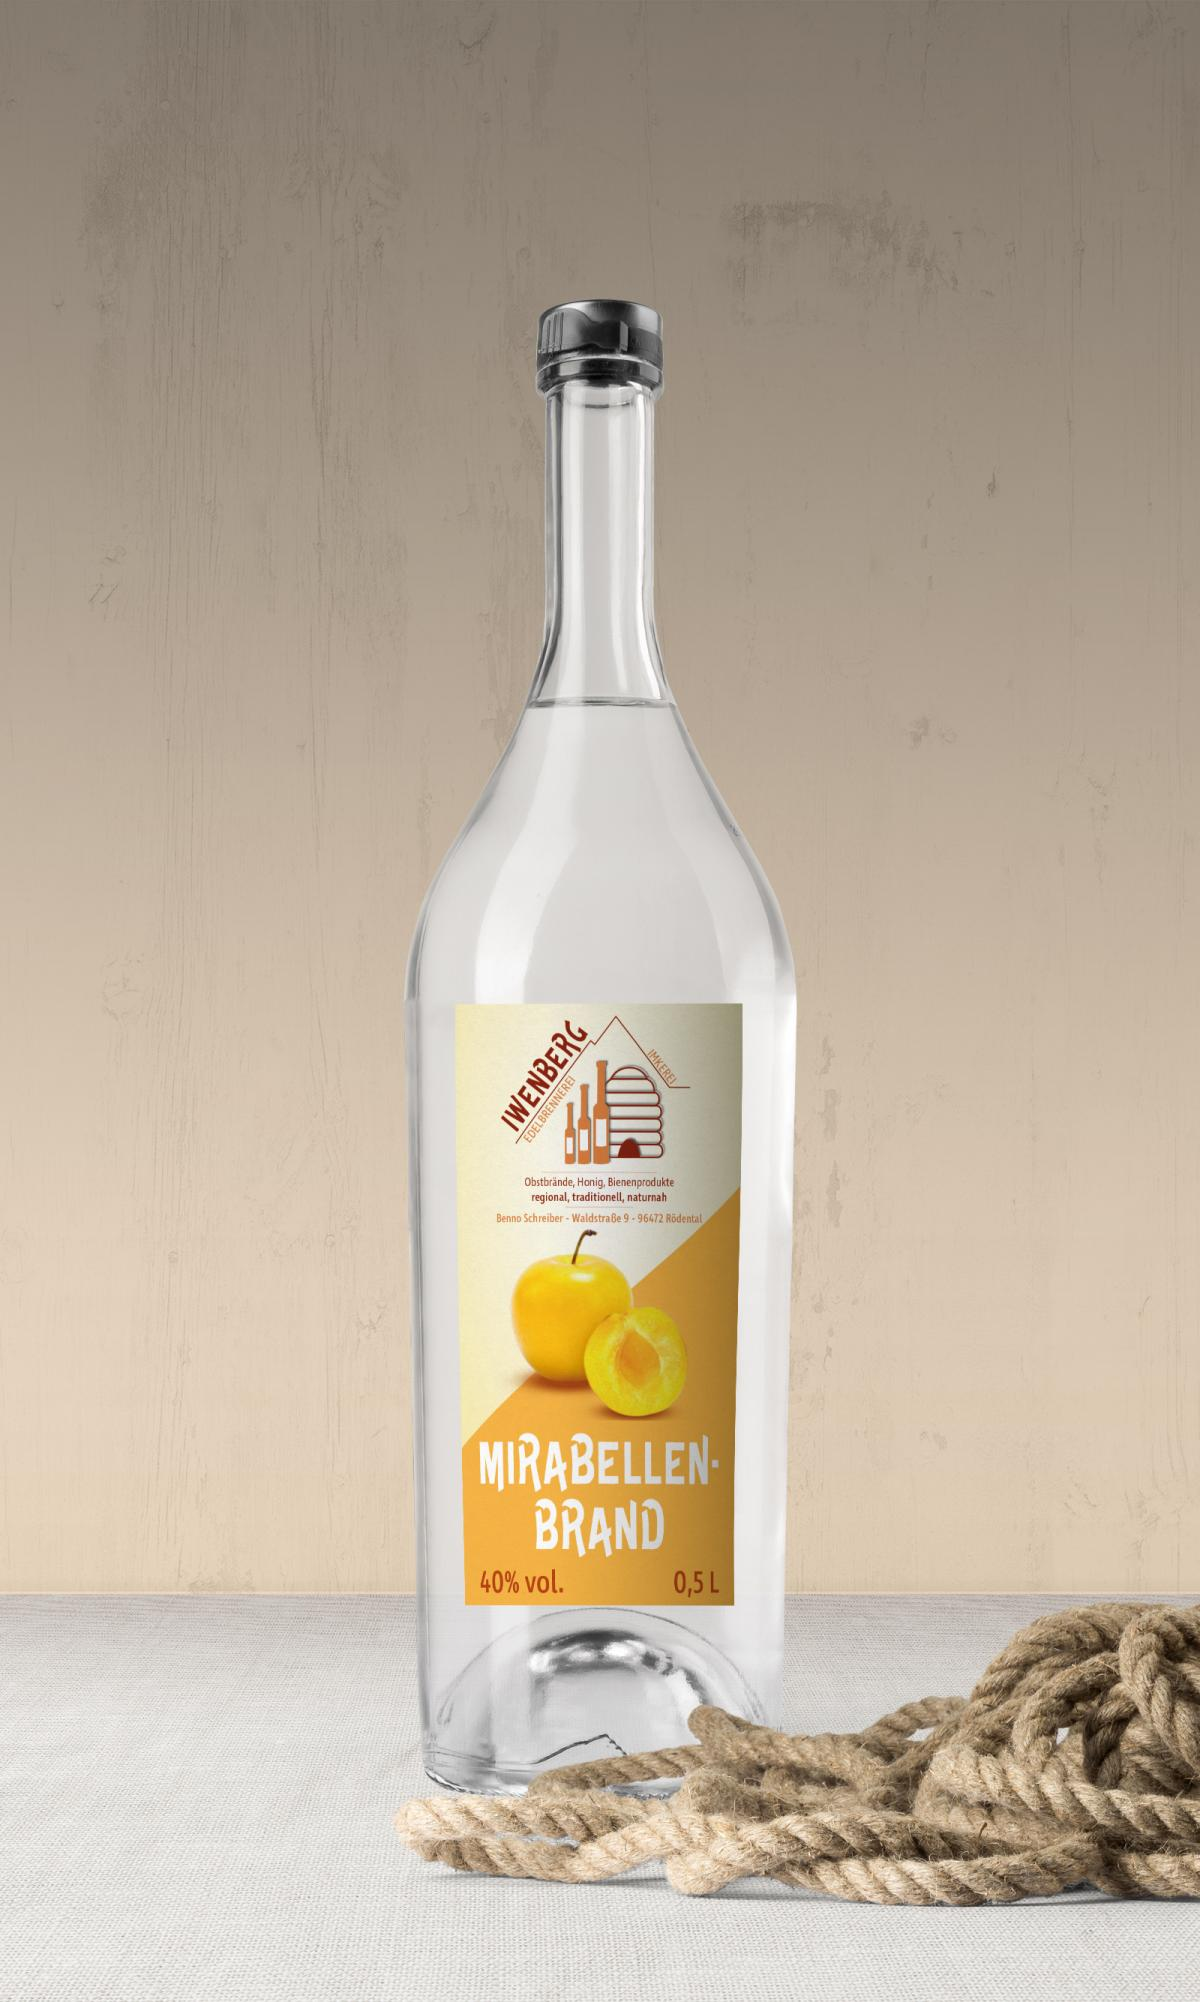 Eine etikettierte Flasche mit Mirabellenbrand der Iwenberg-Brennerei